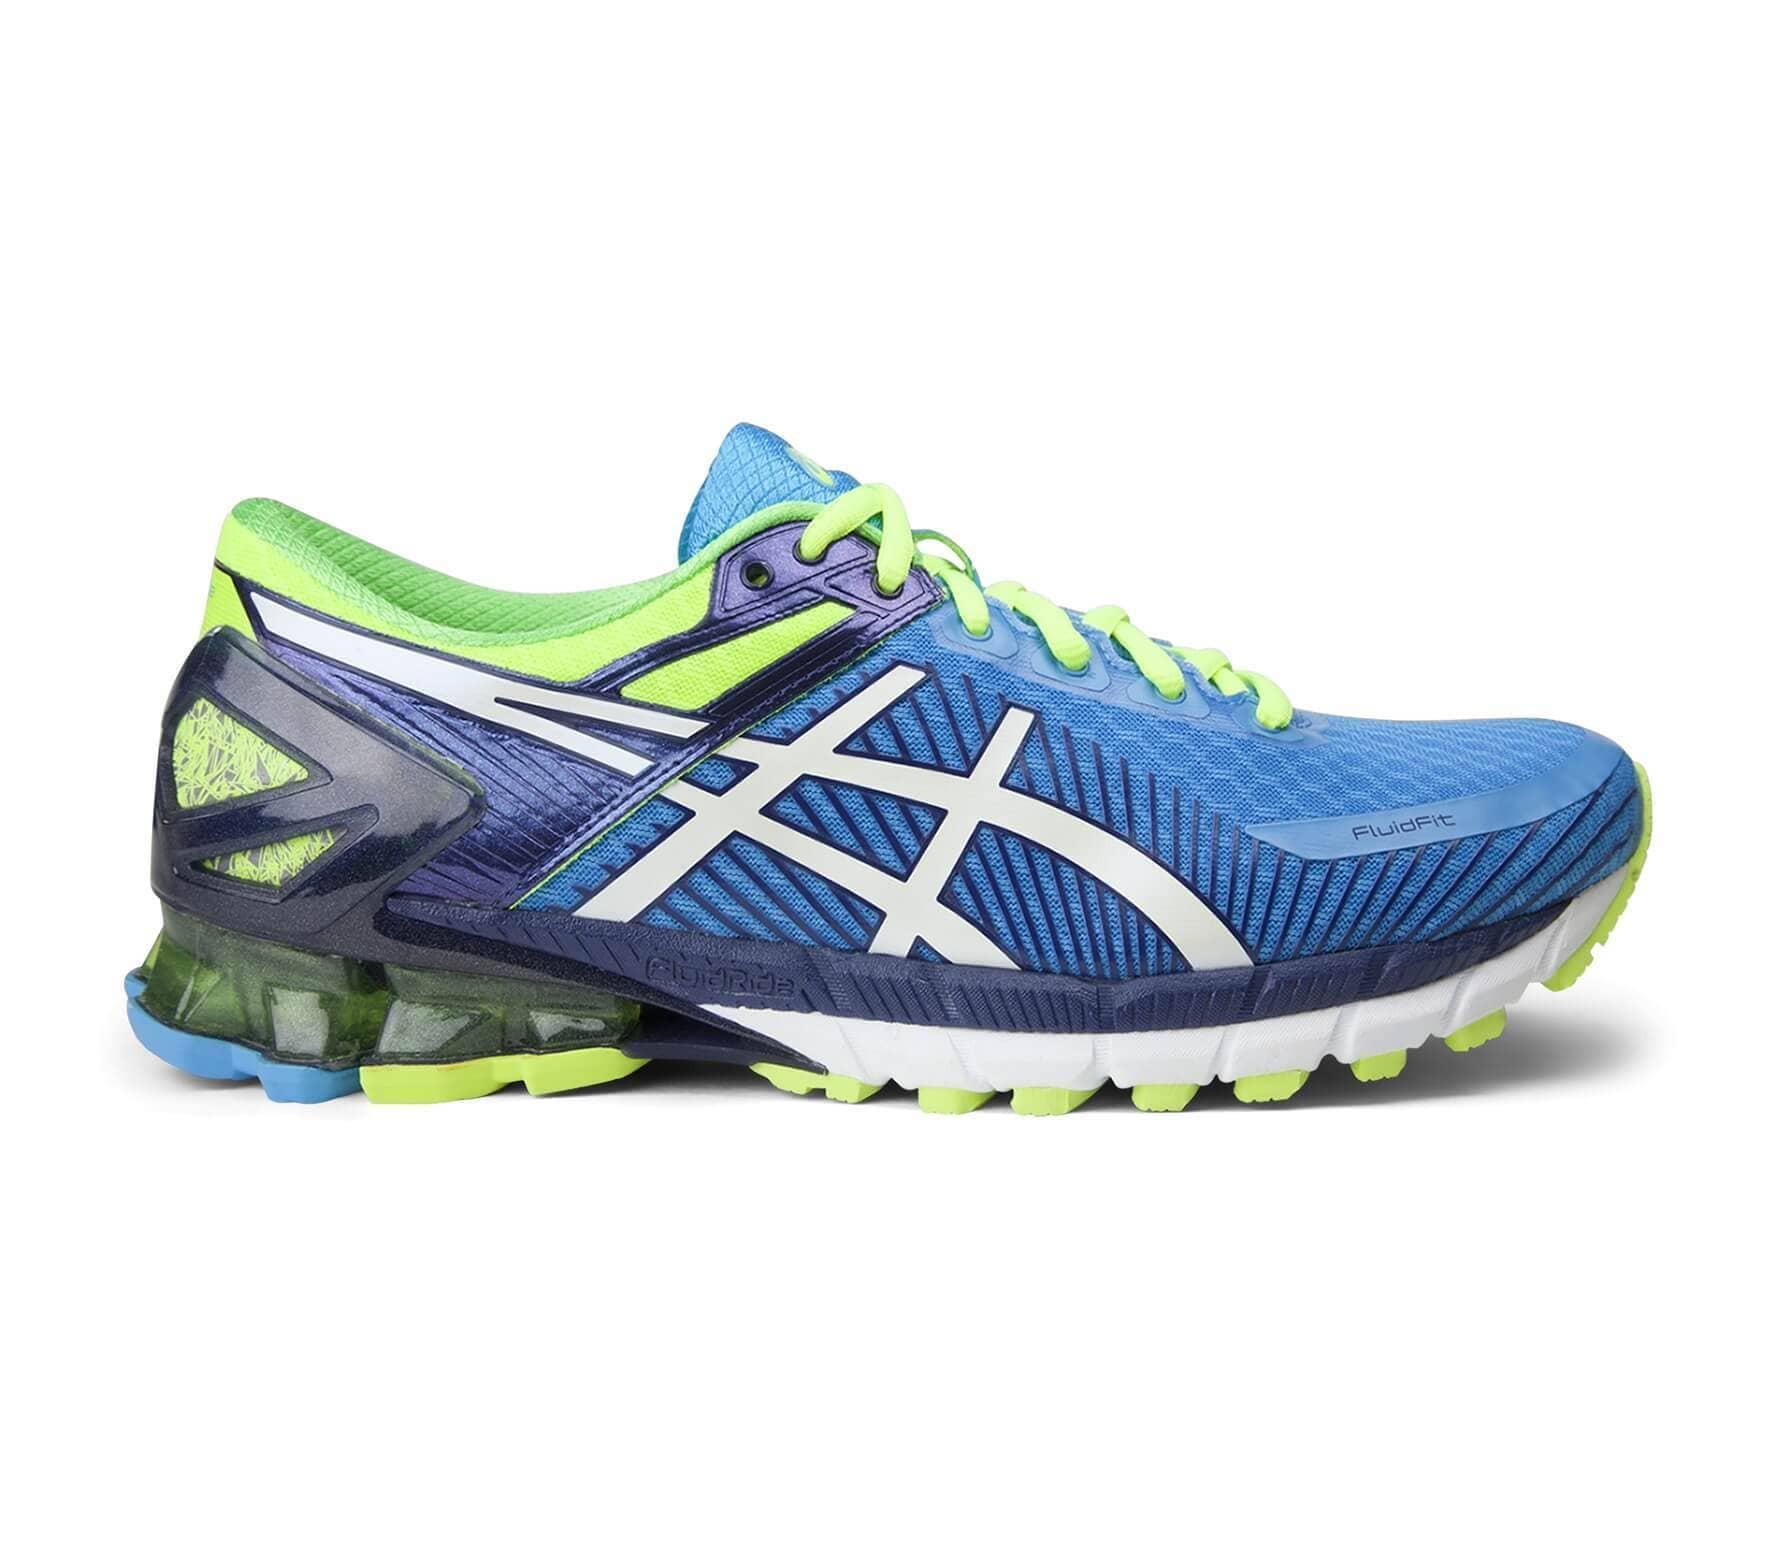 ASICS Gel Kinsei 6 men's running shoes Hommes